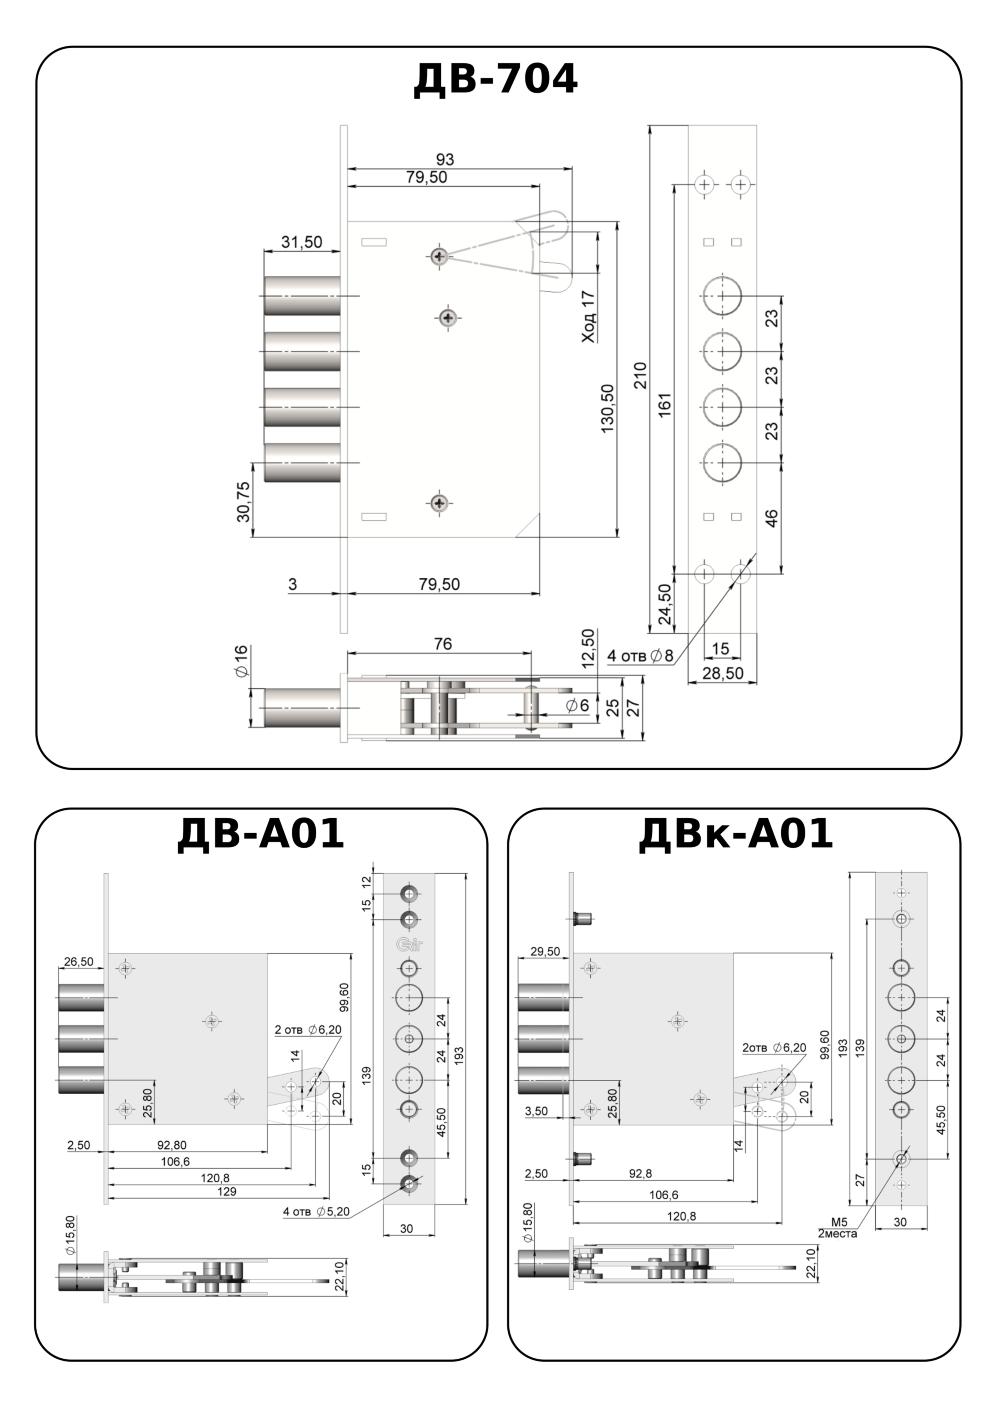 Паспорт девиатора А01 стр 2